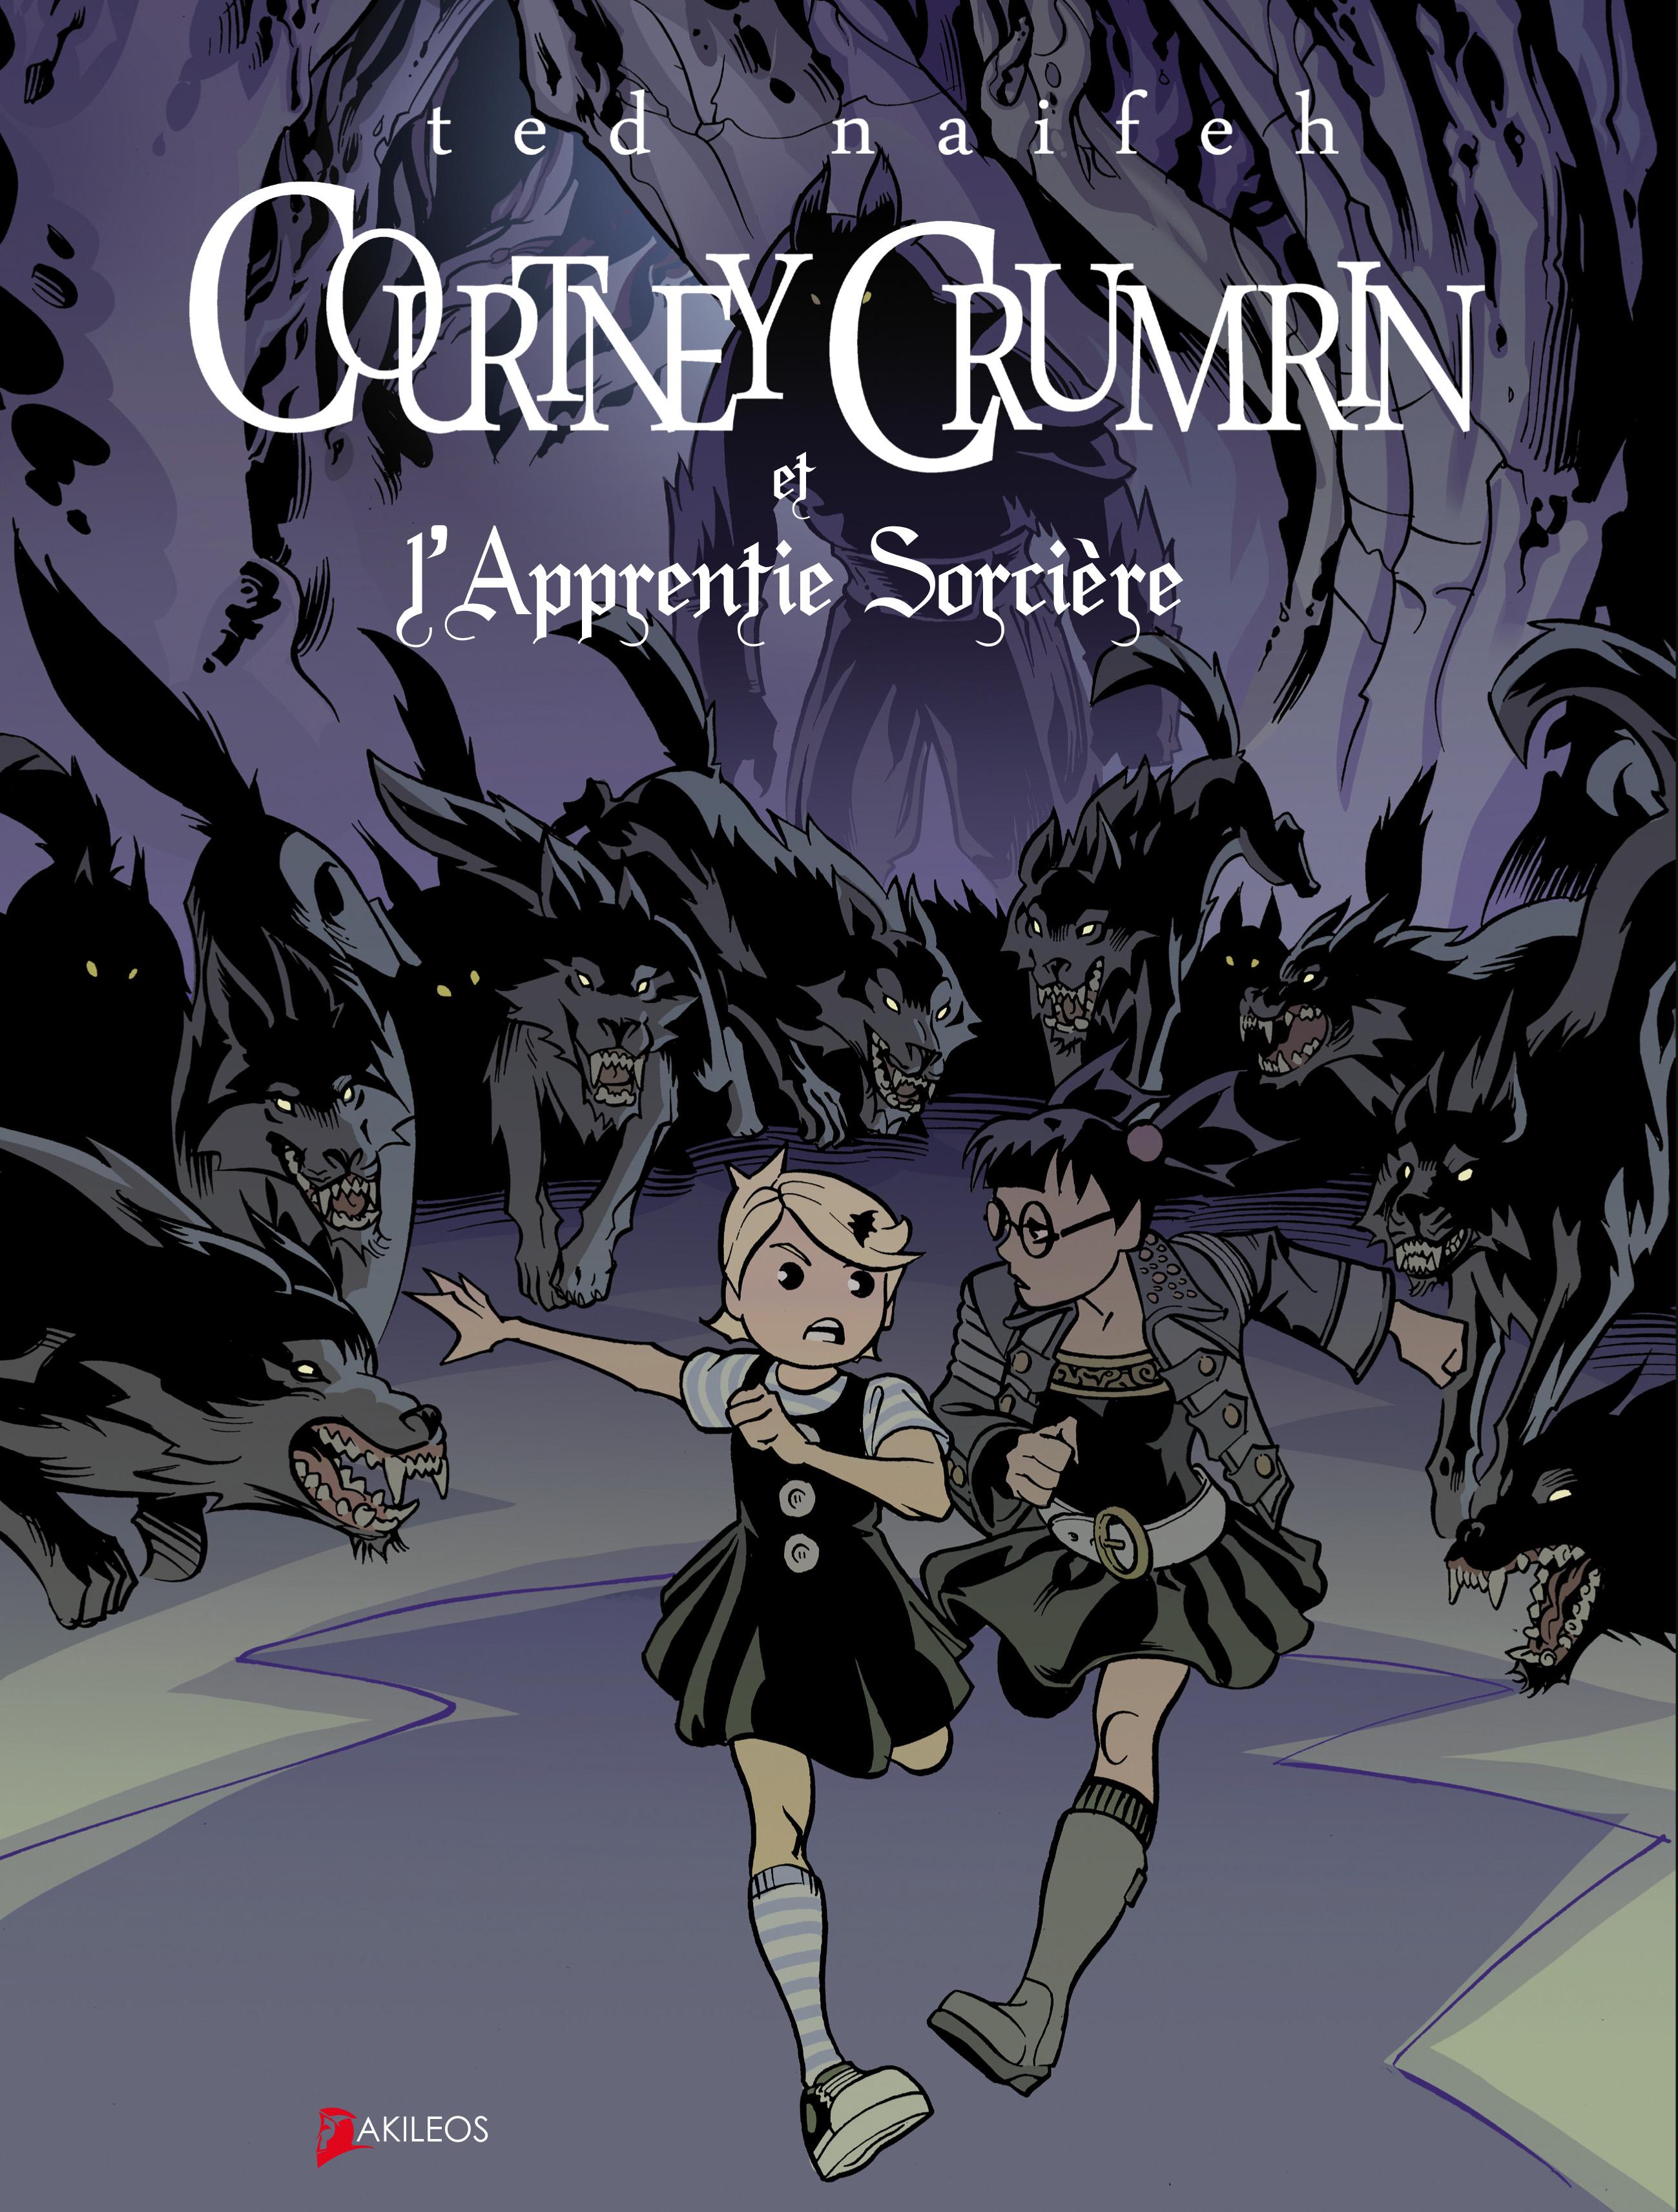 CouvCourtney-5